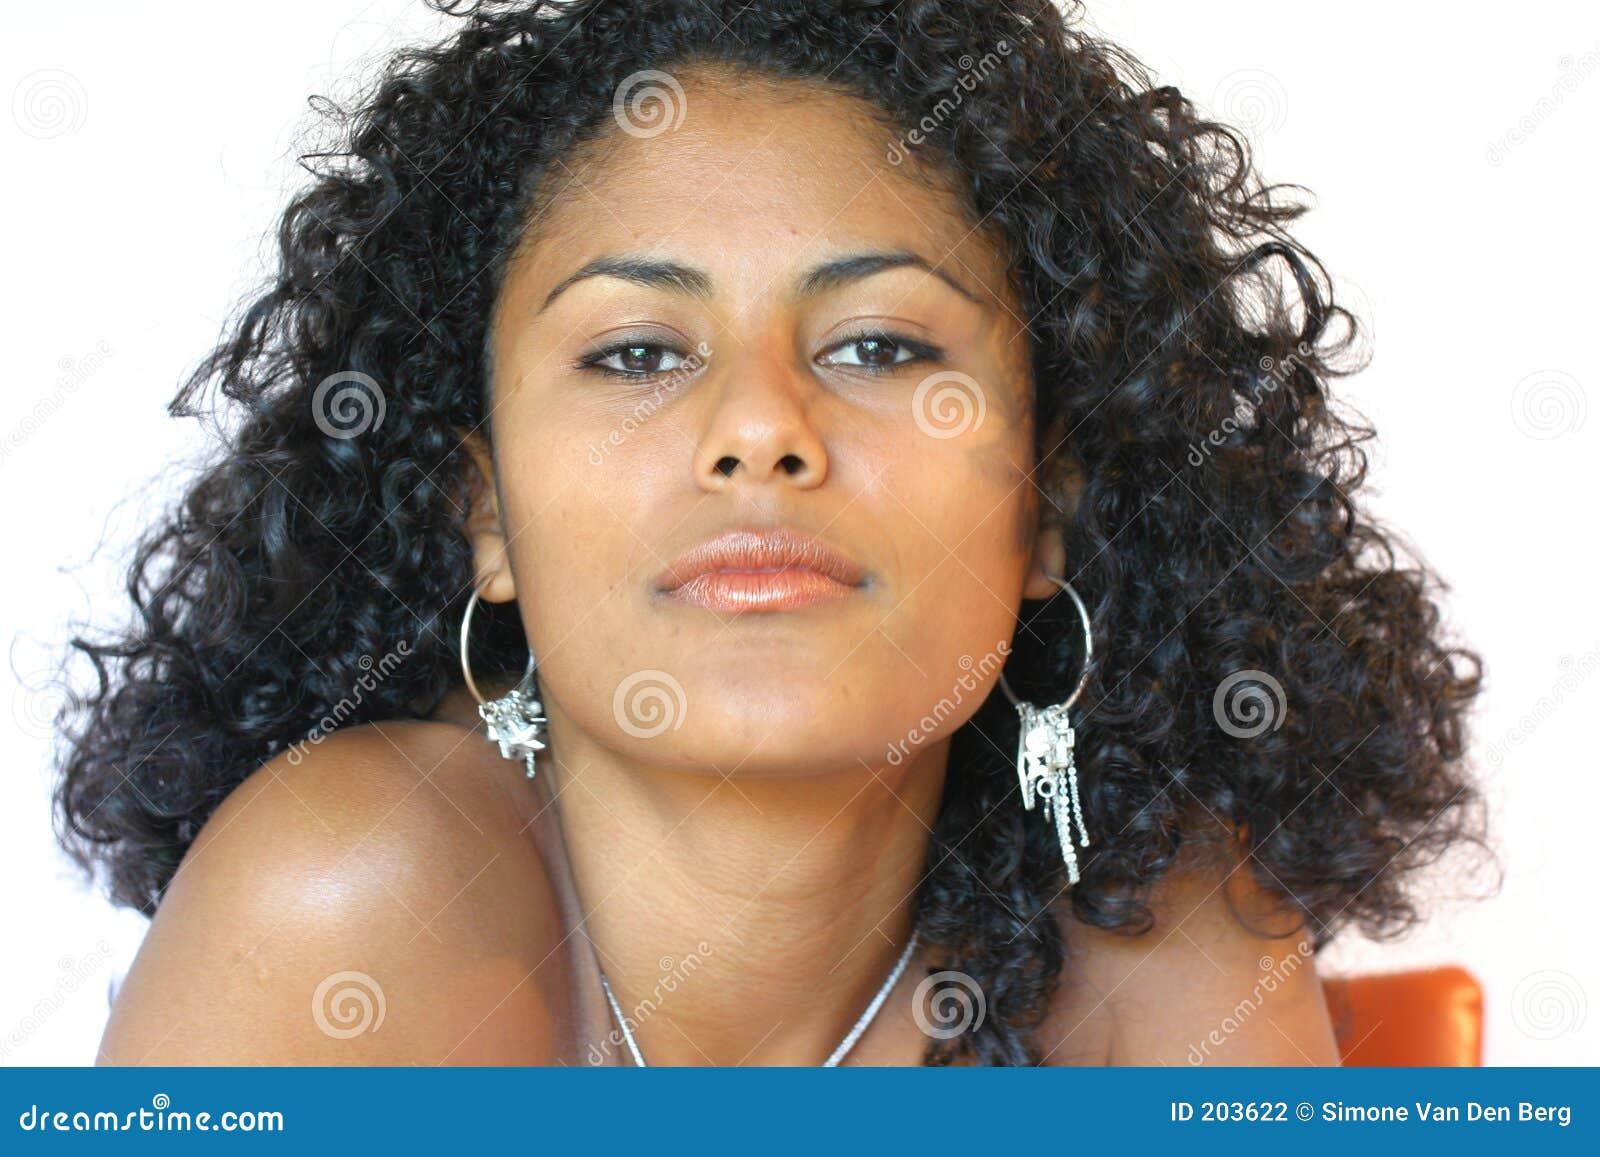 mulher-brasileira-bonita-203622.jpg